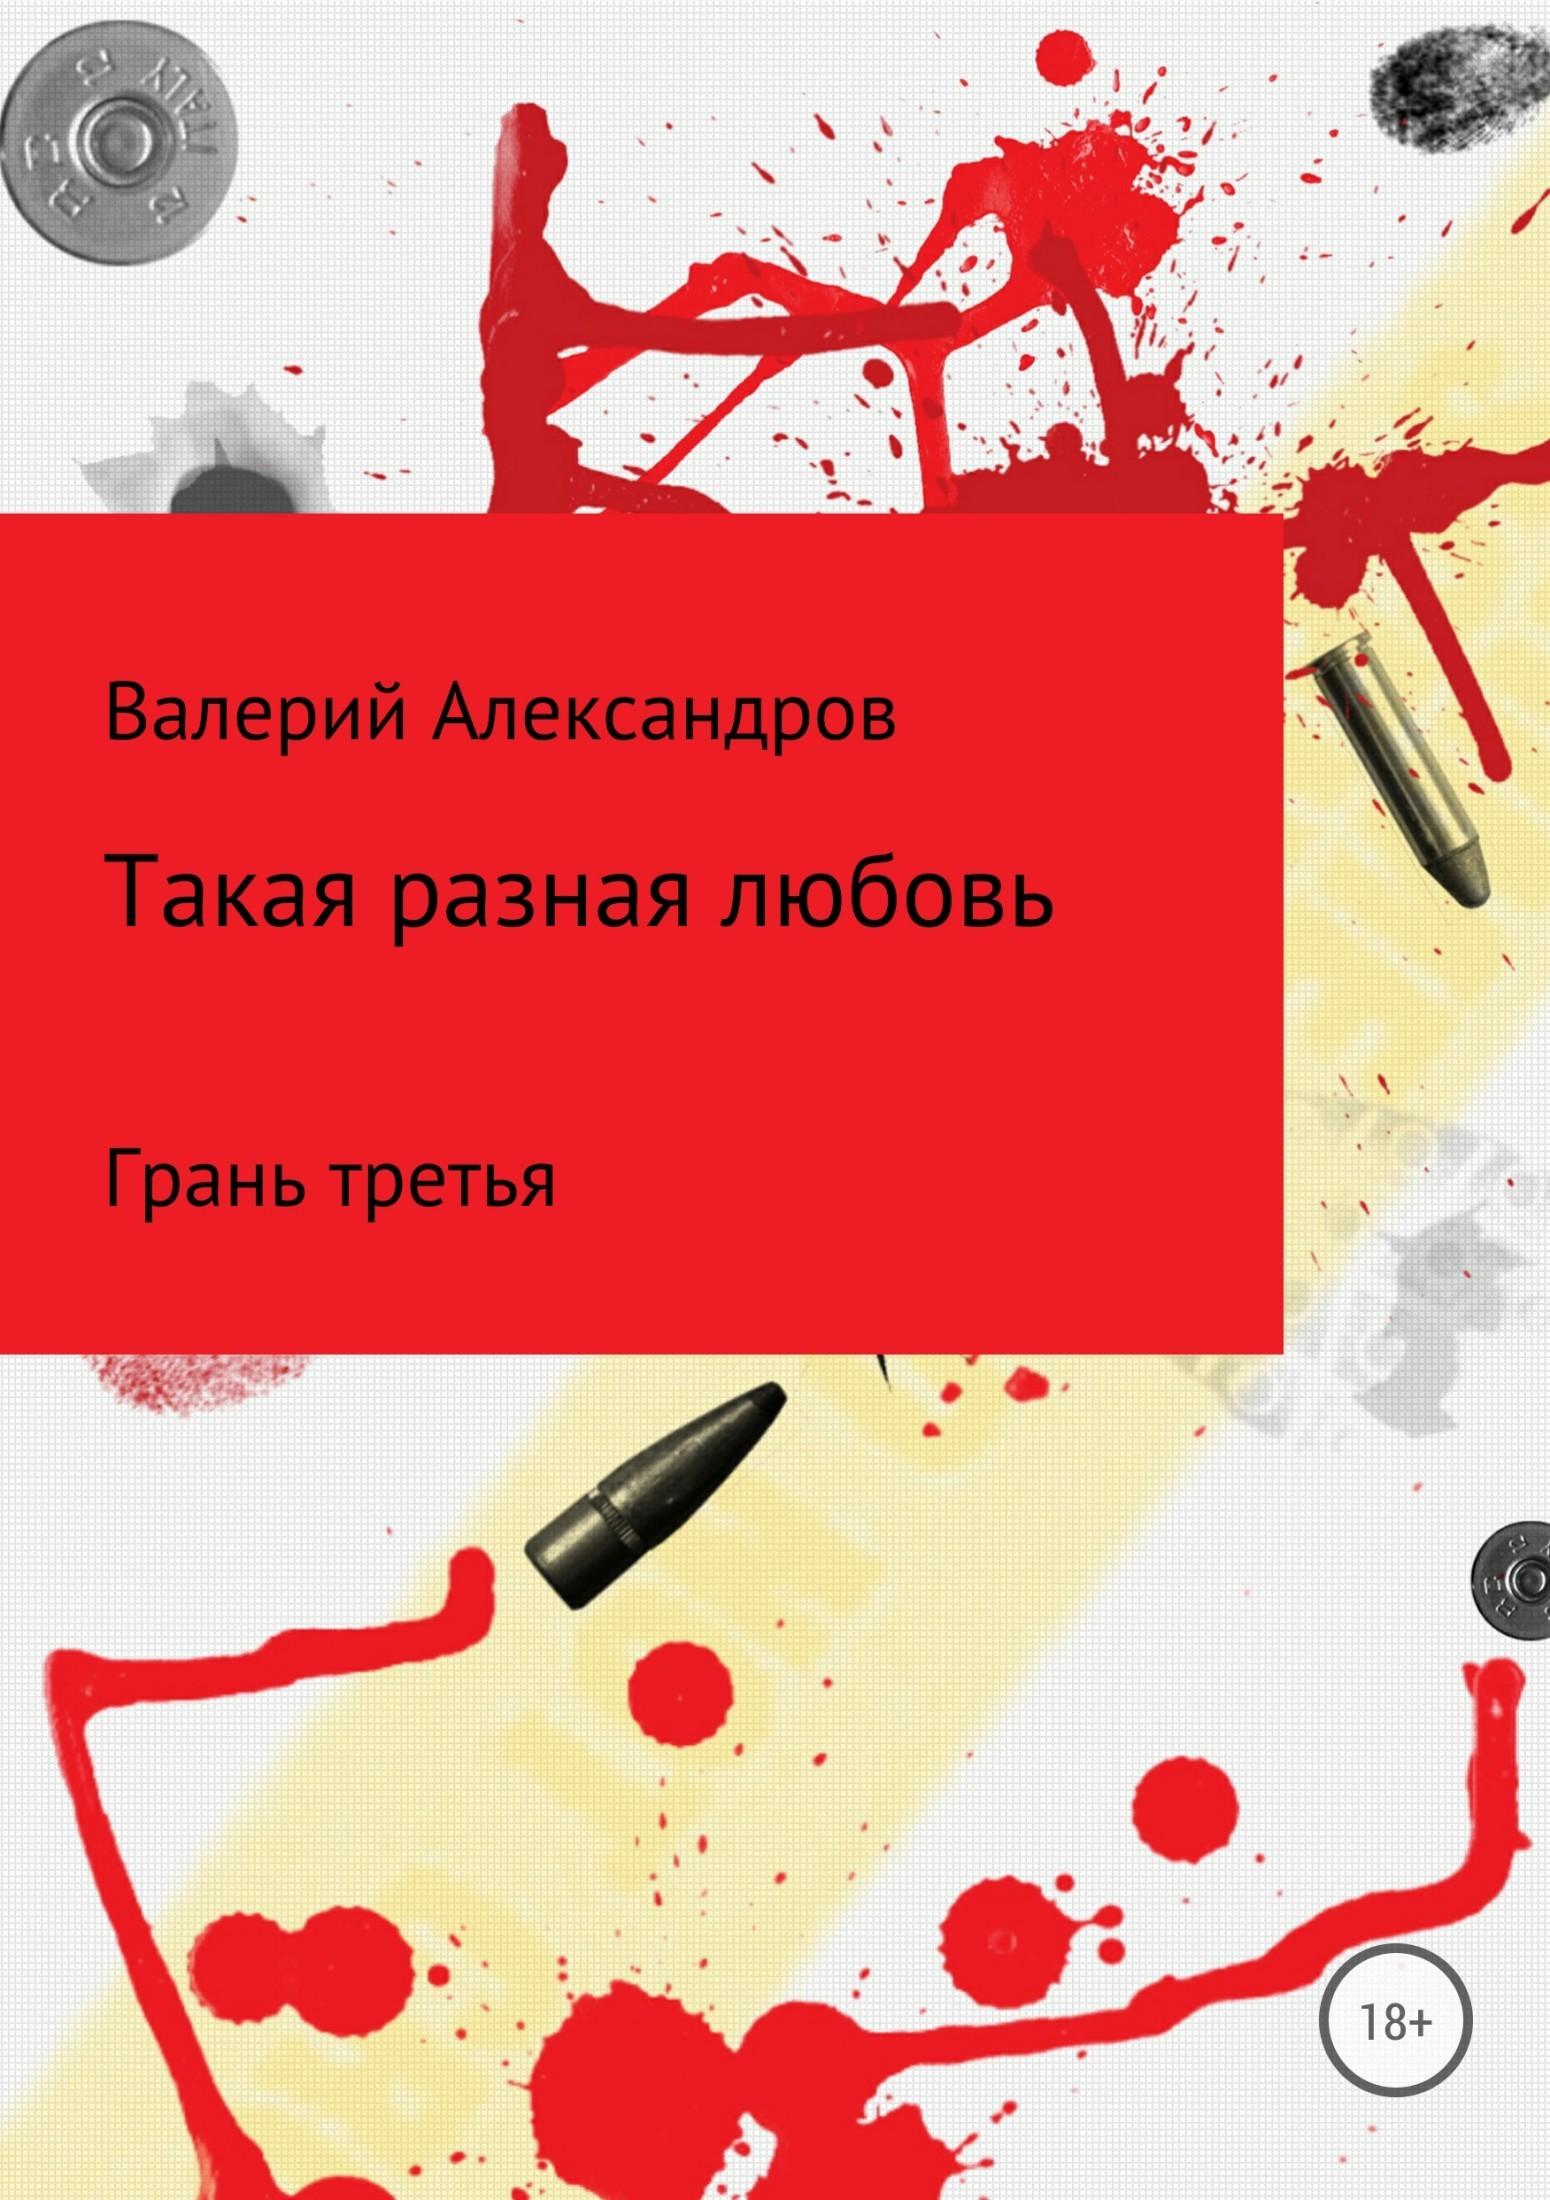 Валерий Александров Такая разная любовь 3. Сборник стихотворений валерий александров такая разная любовь 7 сборник стихотворений